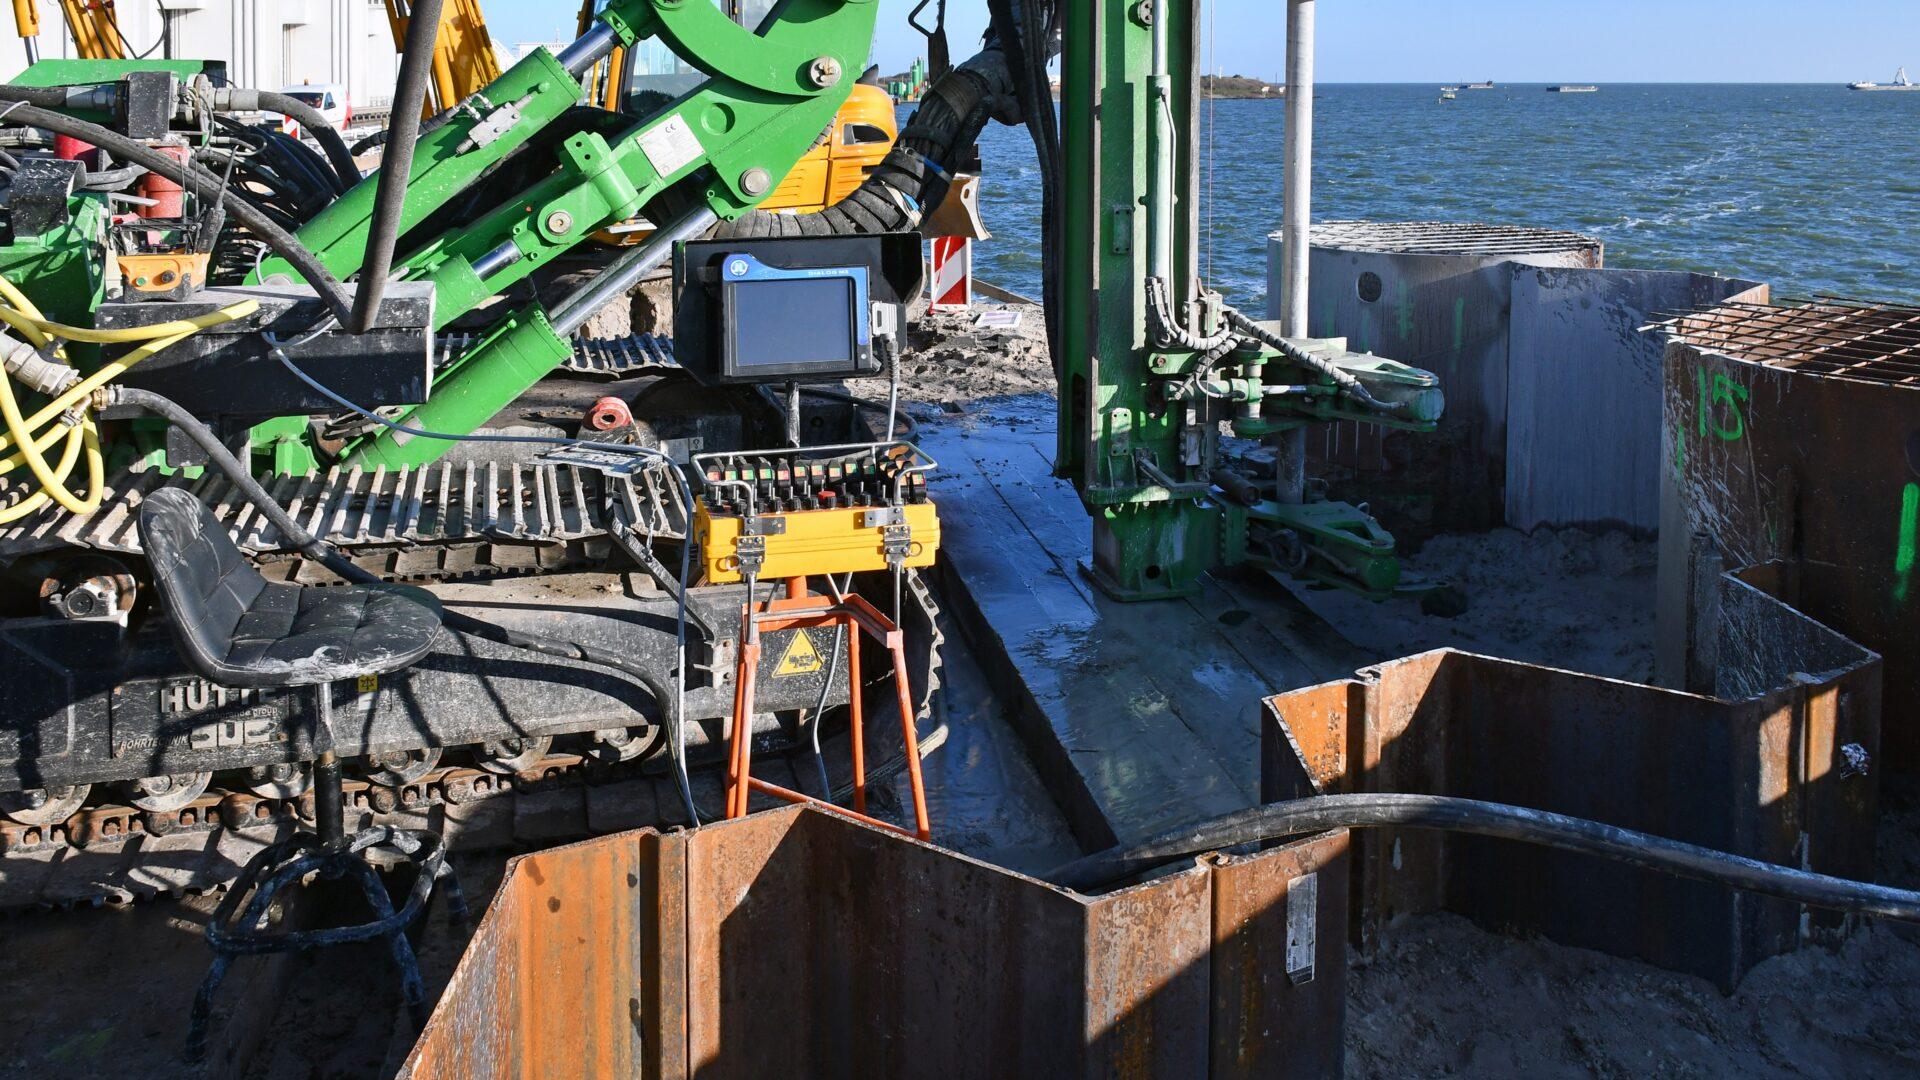 Eerste gemaal Den Oever; boormaterieel dat we inzetten voor het na-injecteren met grout van de 'actieve zijde' van het compartimentsscherm (de scheidingswand) tussen de bouwkuipen.